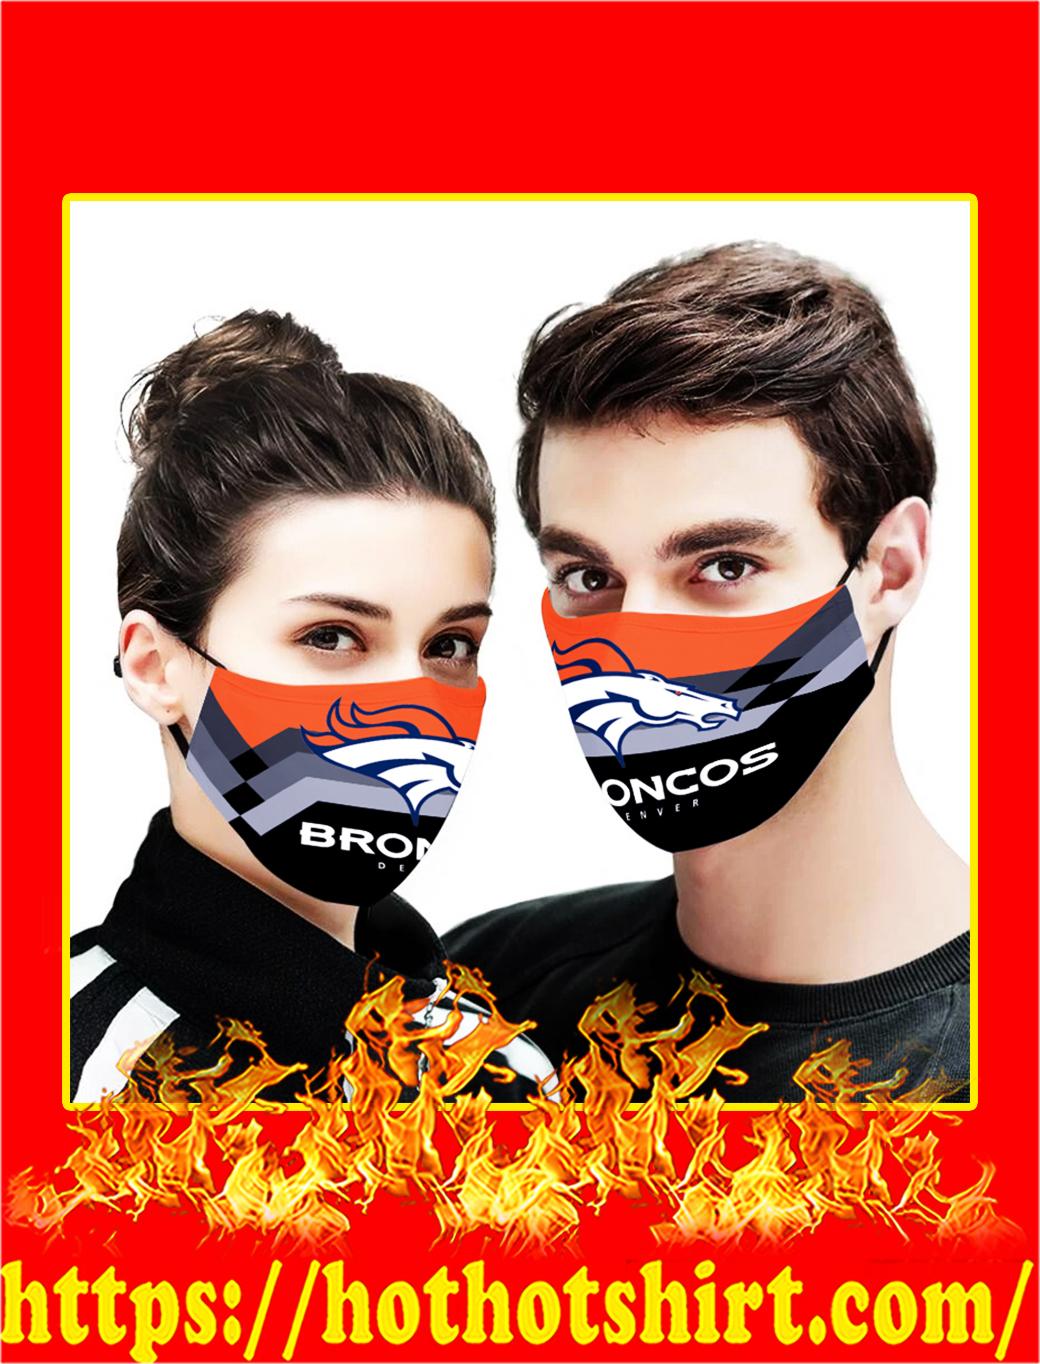 Denver broncos face mask - pic 1